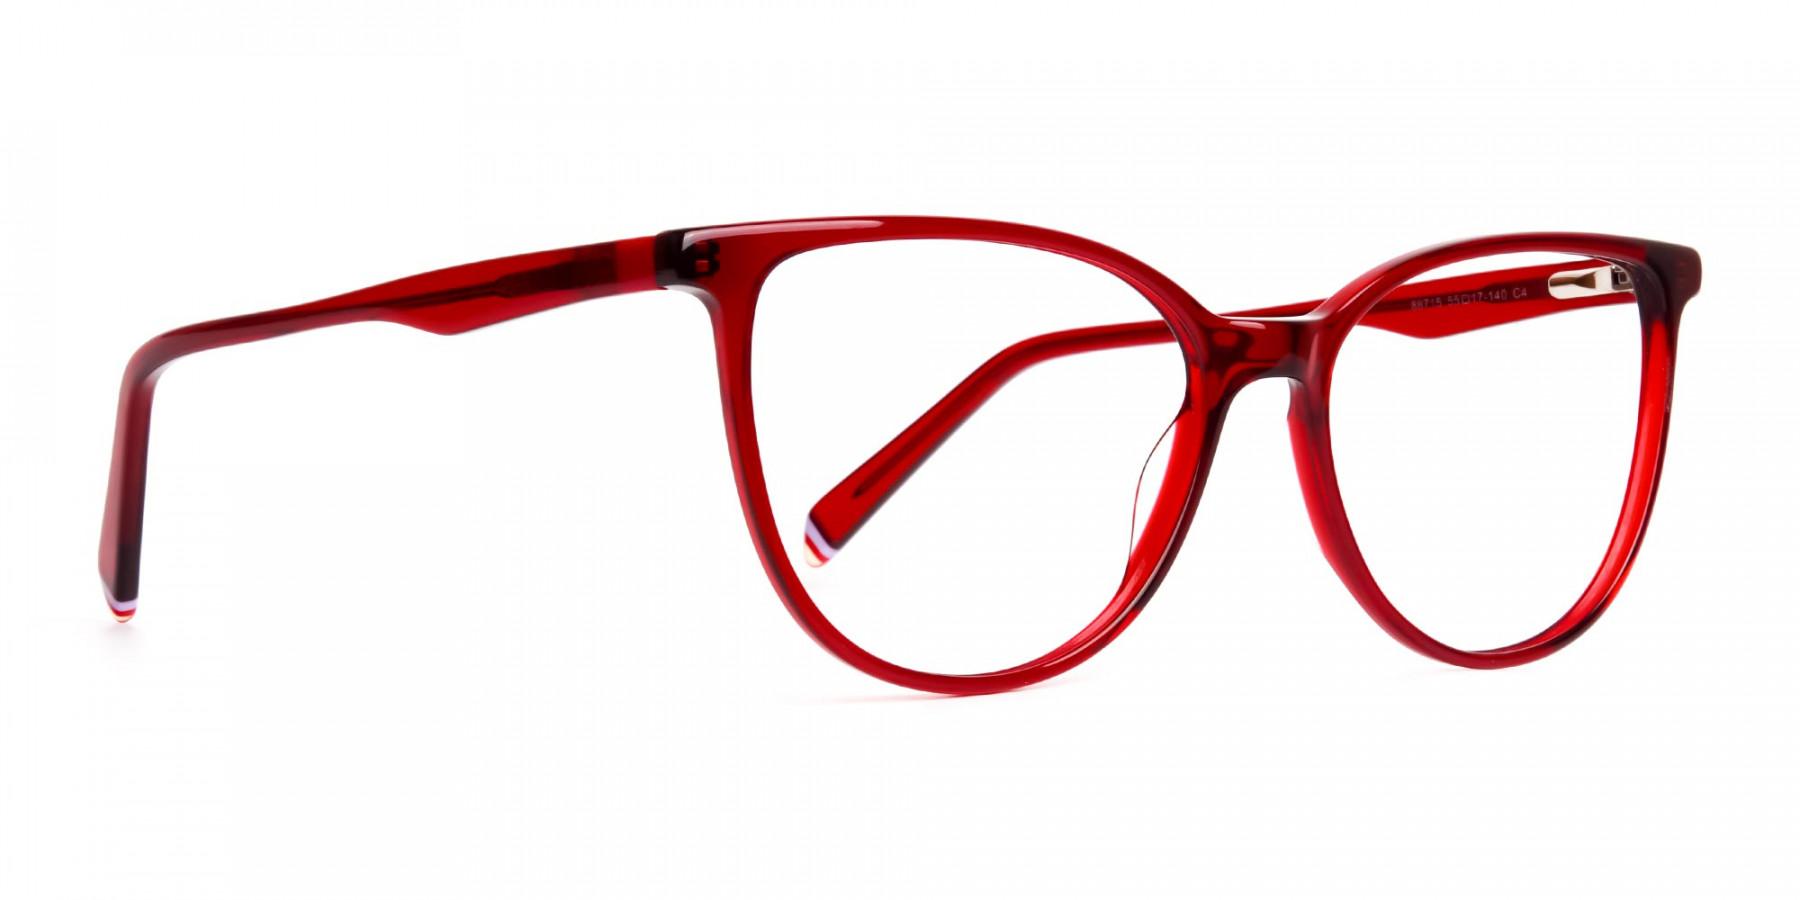 Dark-Red-Translucent-Cat-eye-Glasses-Frames-1